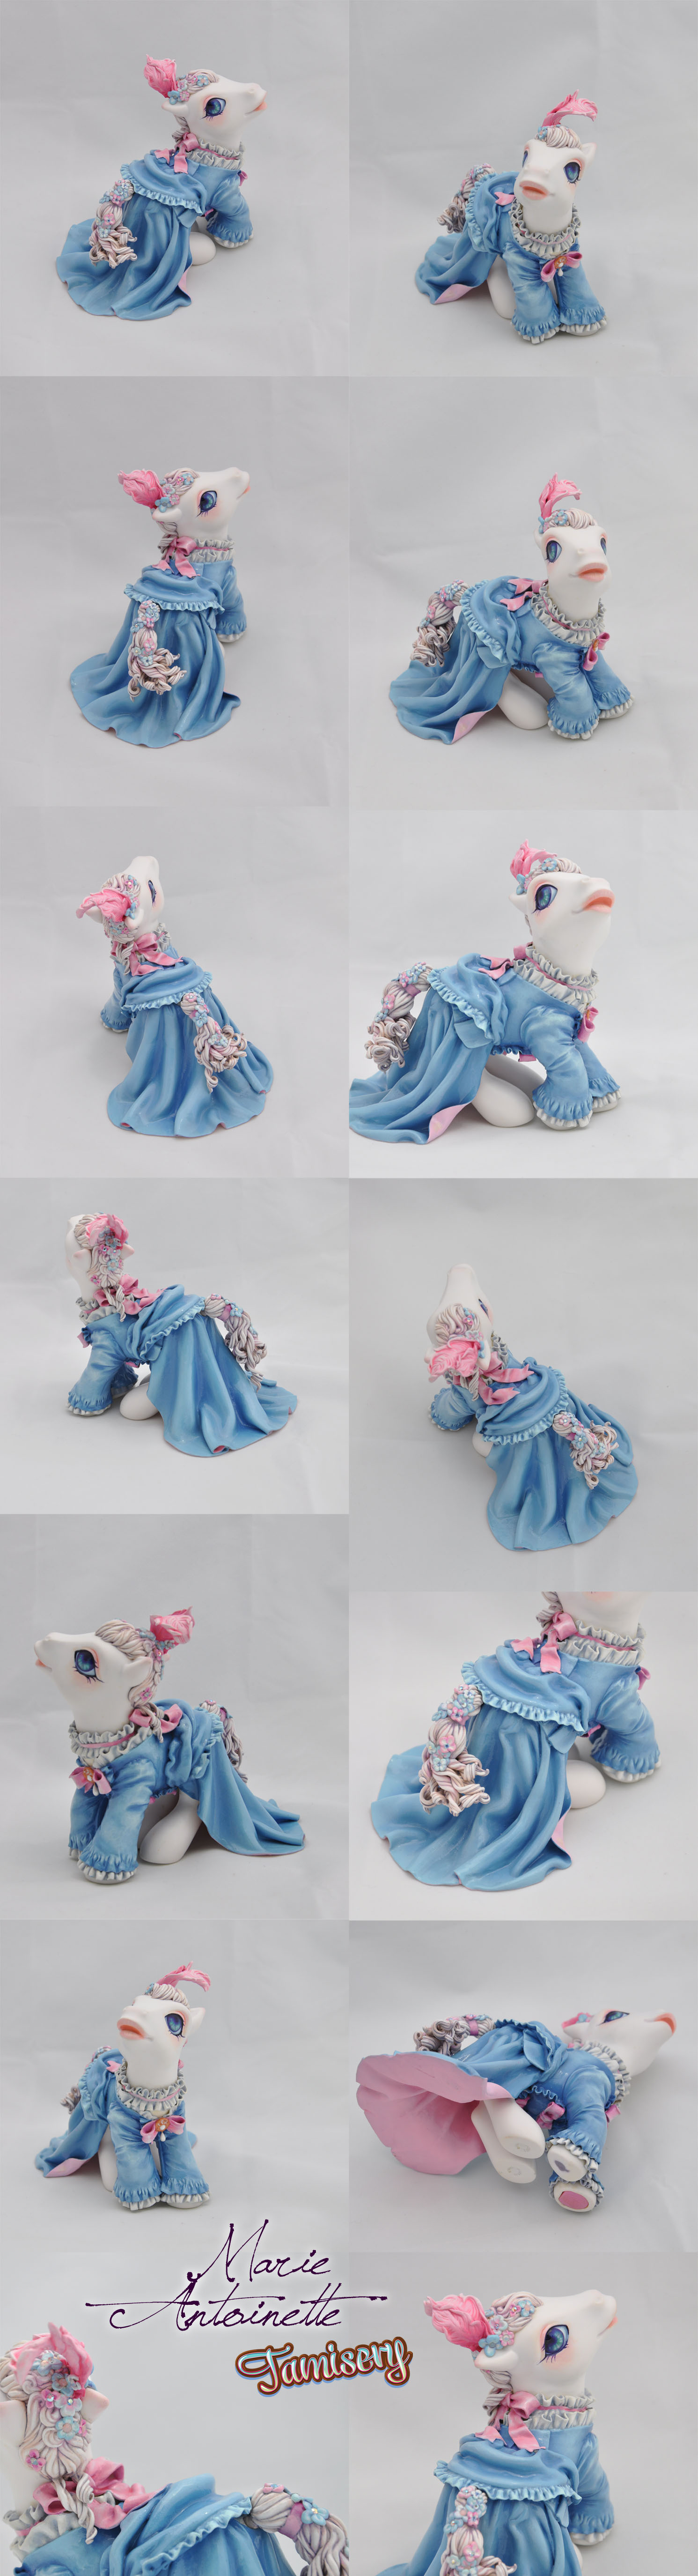 Marie Antoinette Custom MLP by Tamisery